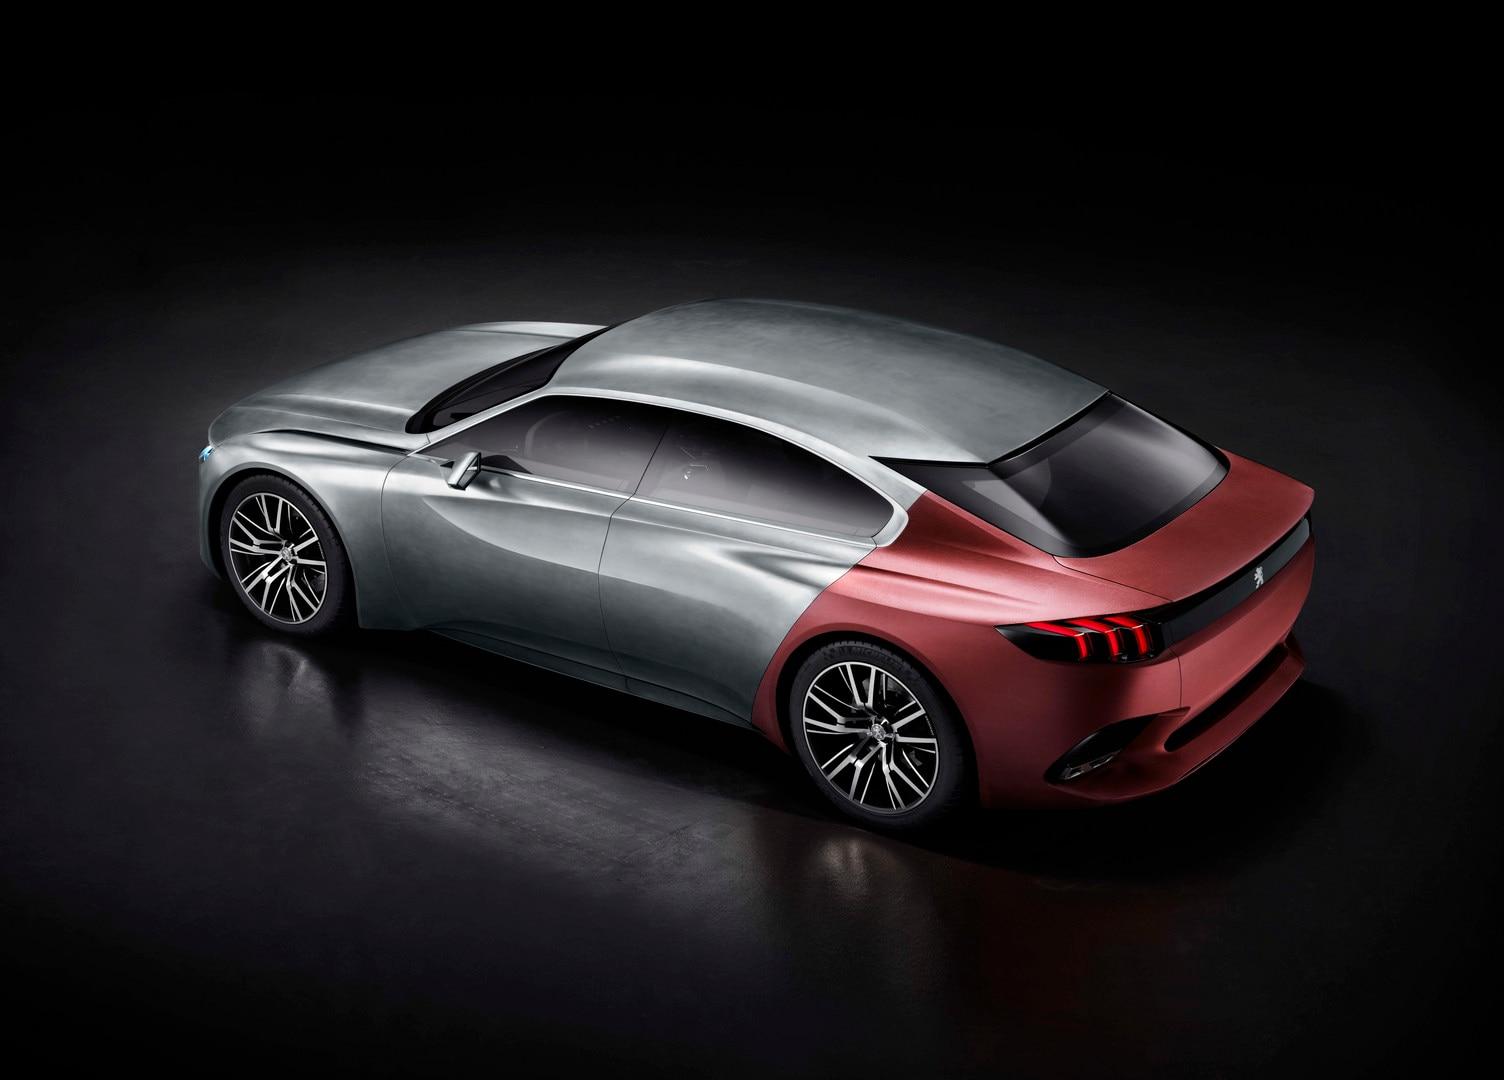 Peugeot Exalt - El diseño elegante y atlético del Concept car